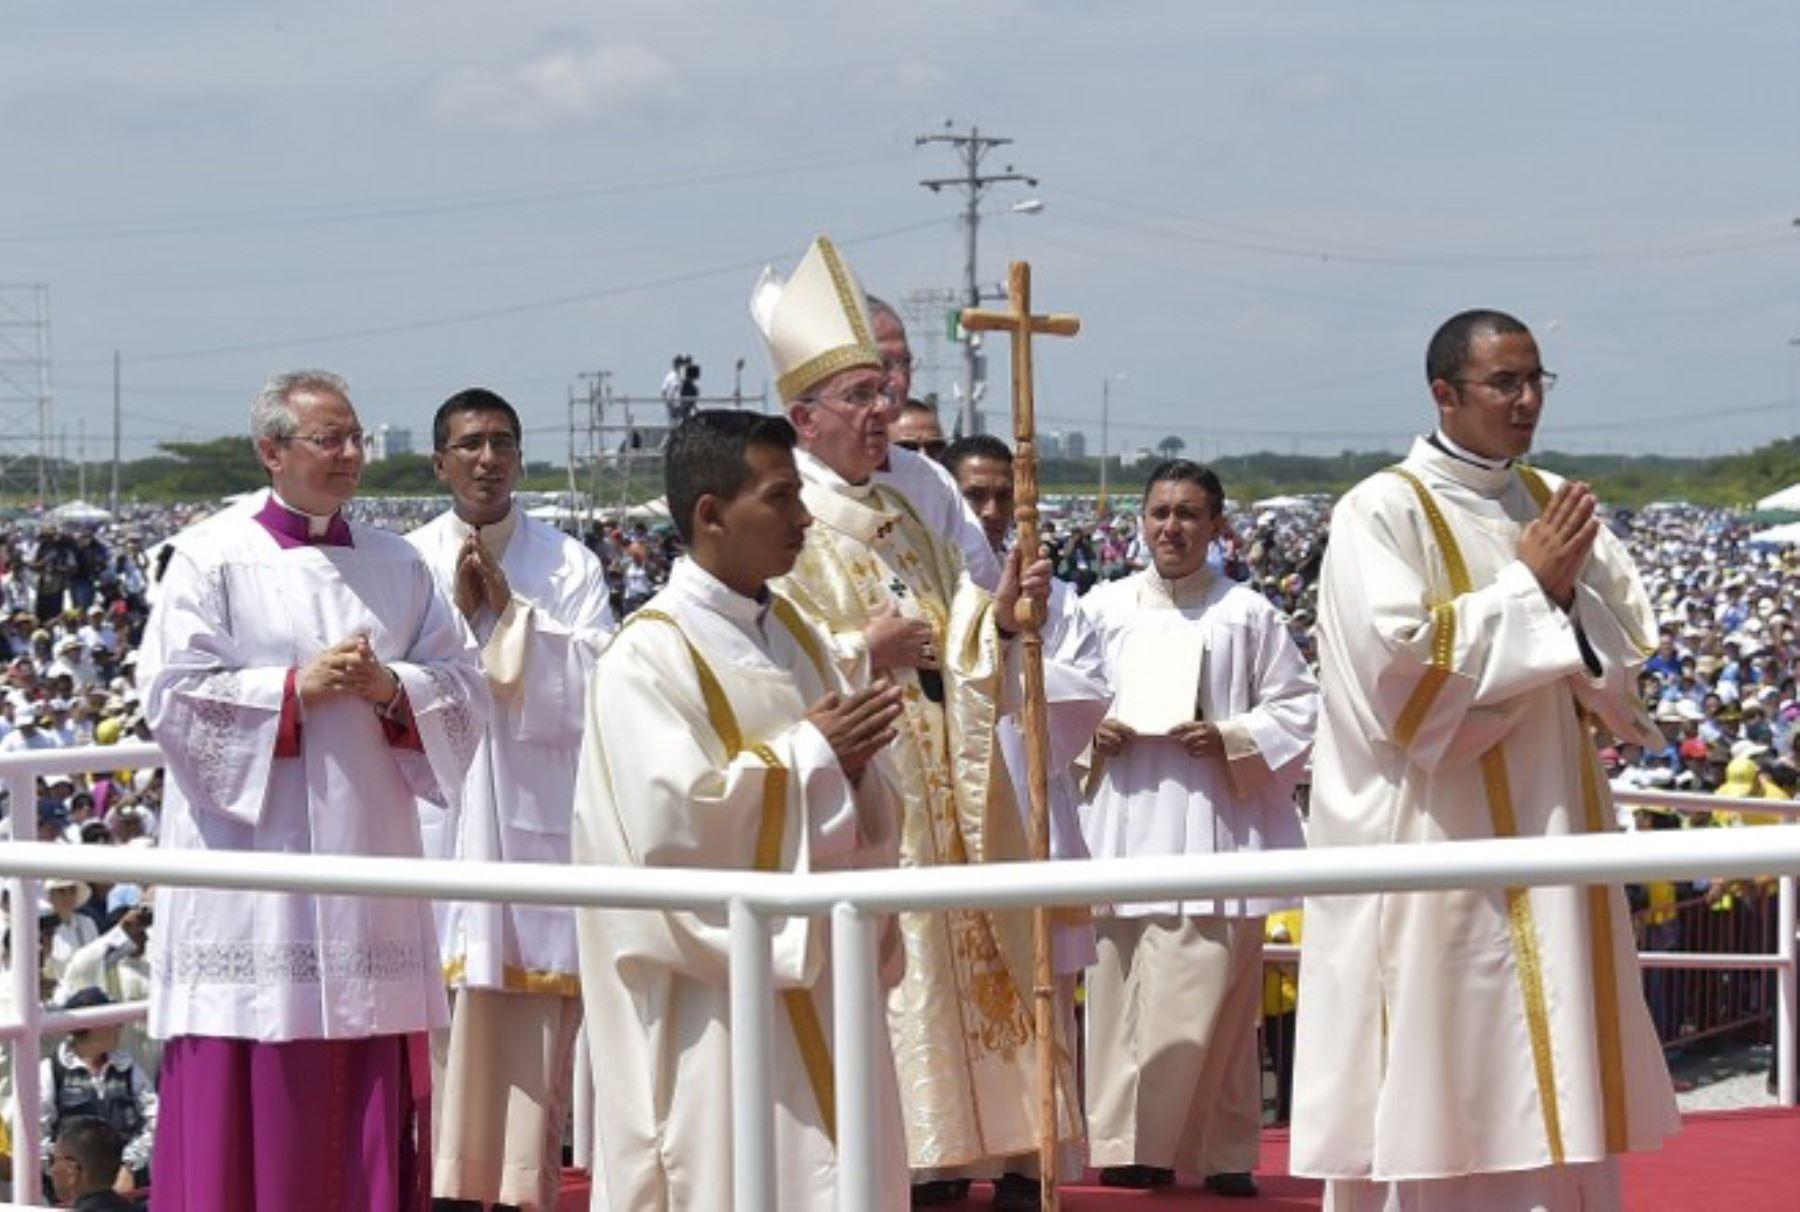 El Papa Francisco llegó hoy a la costera ciudad de Guayaquil para oficiar su primera misa campal en Ecuador. Foto:AFP